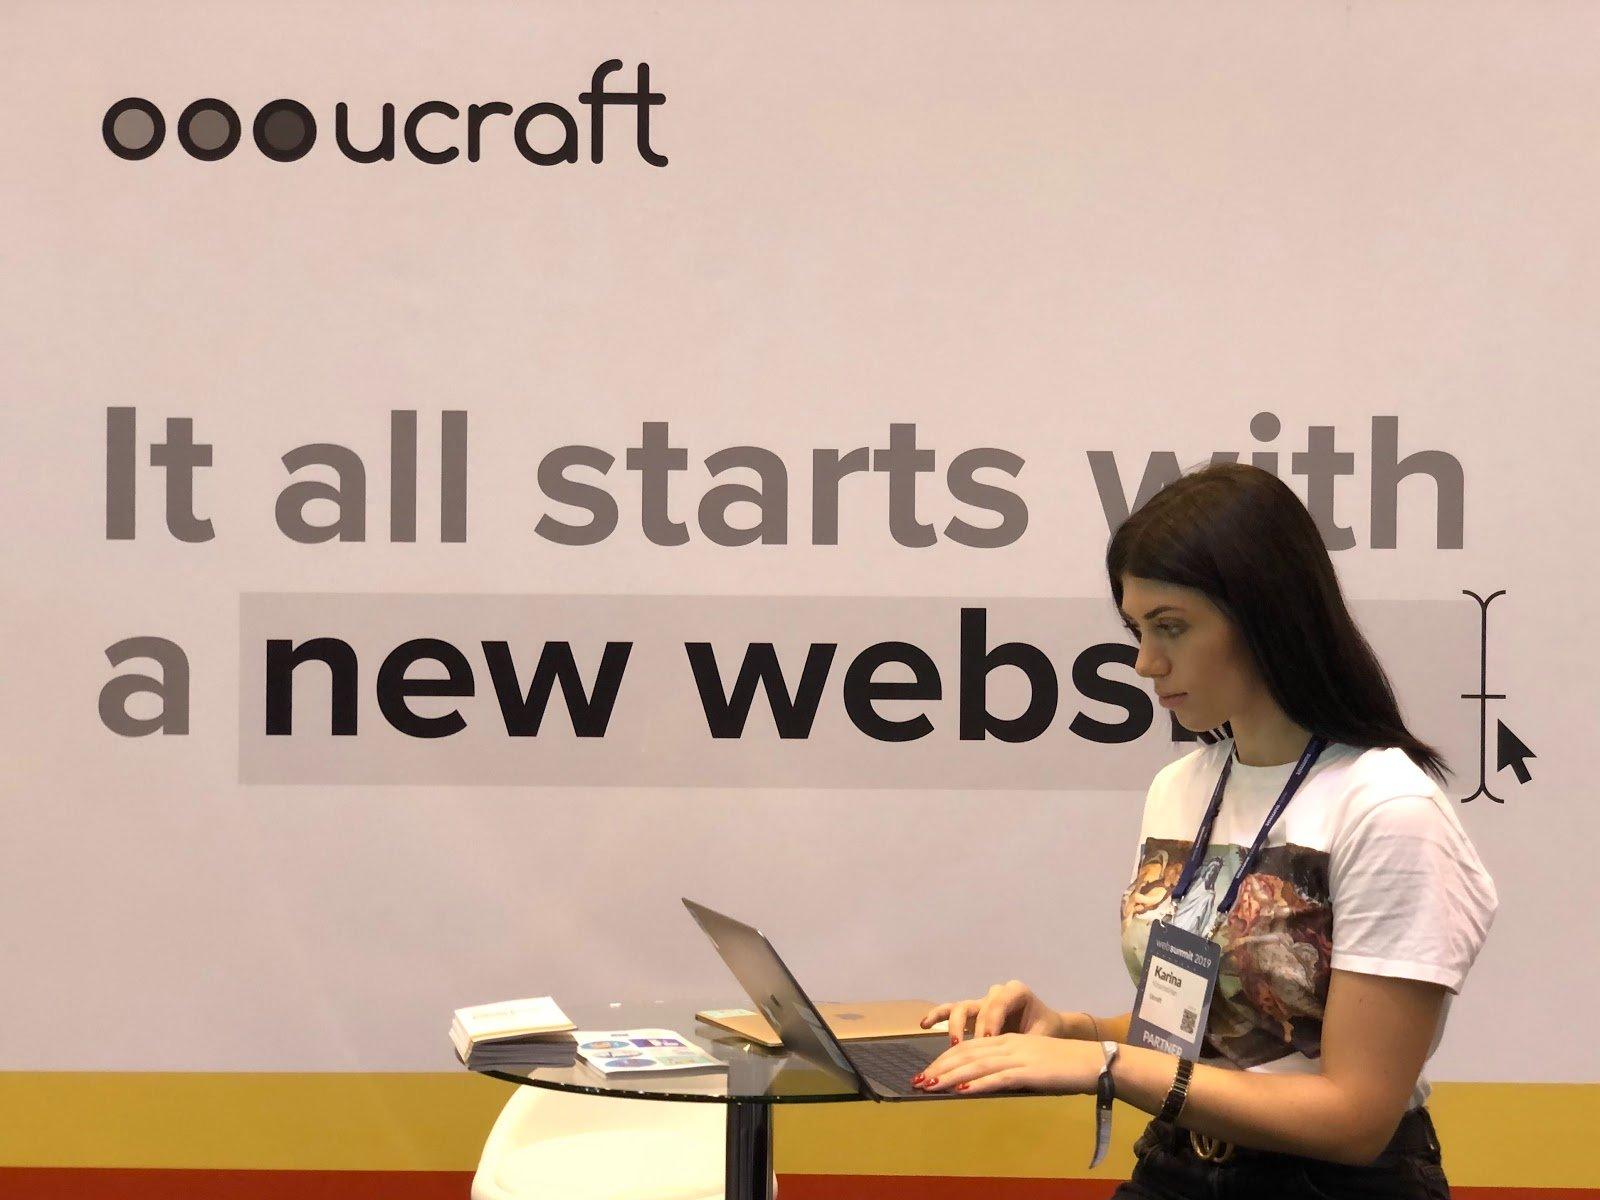 ucraft participates in web summit